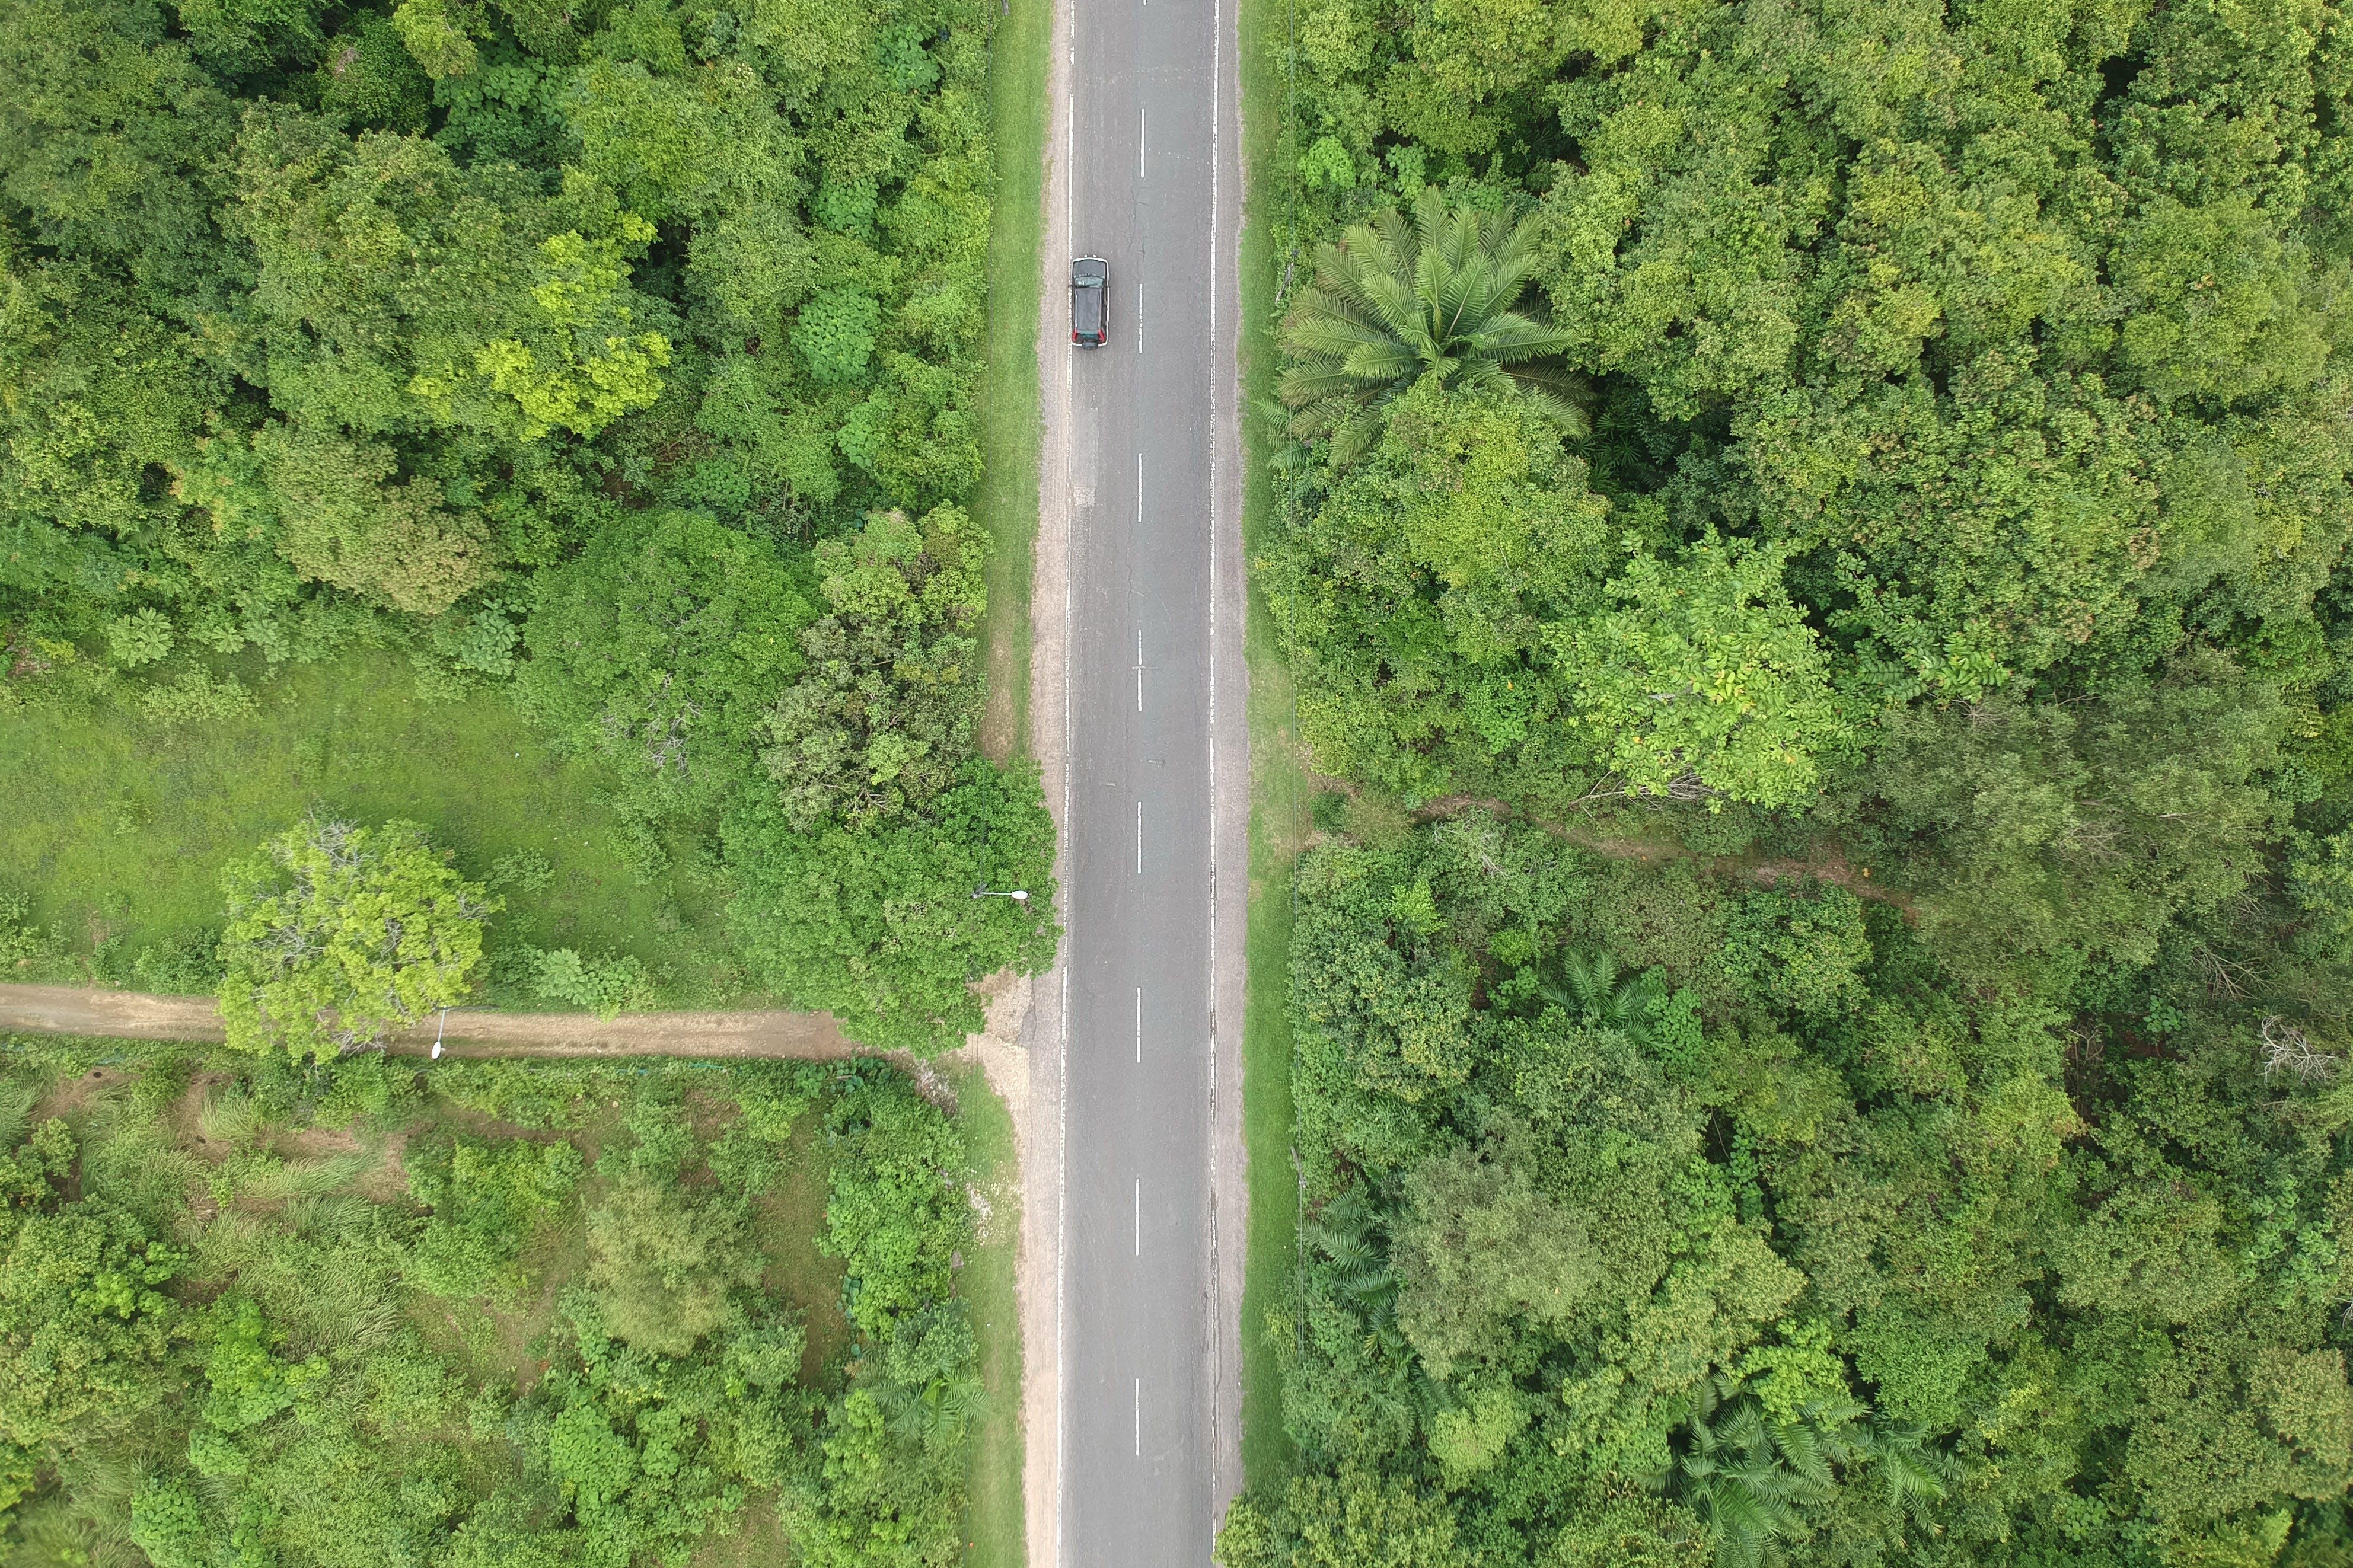 나무, 녹색, 도로, 숲의 무료 스톡 사진